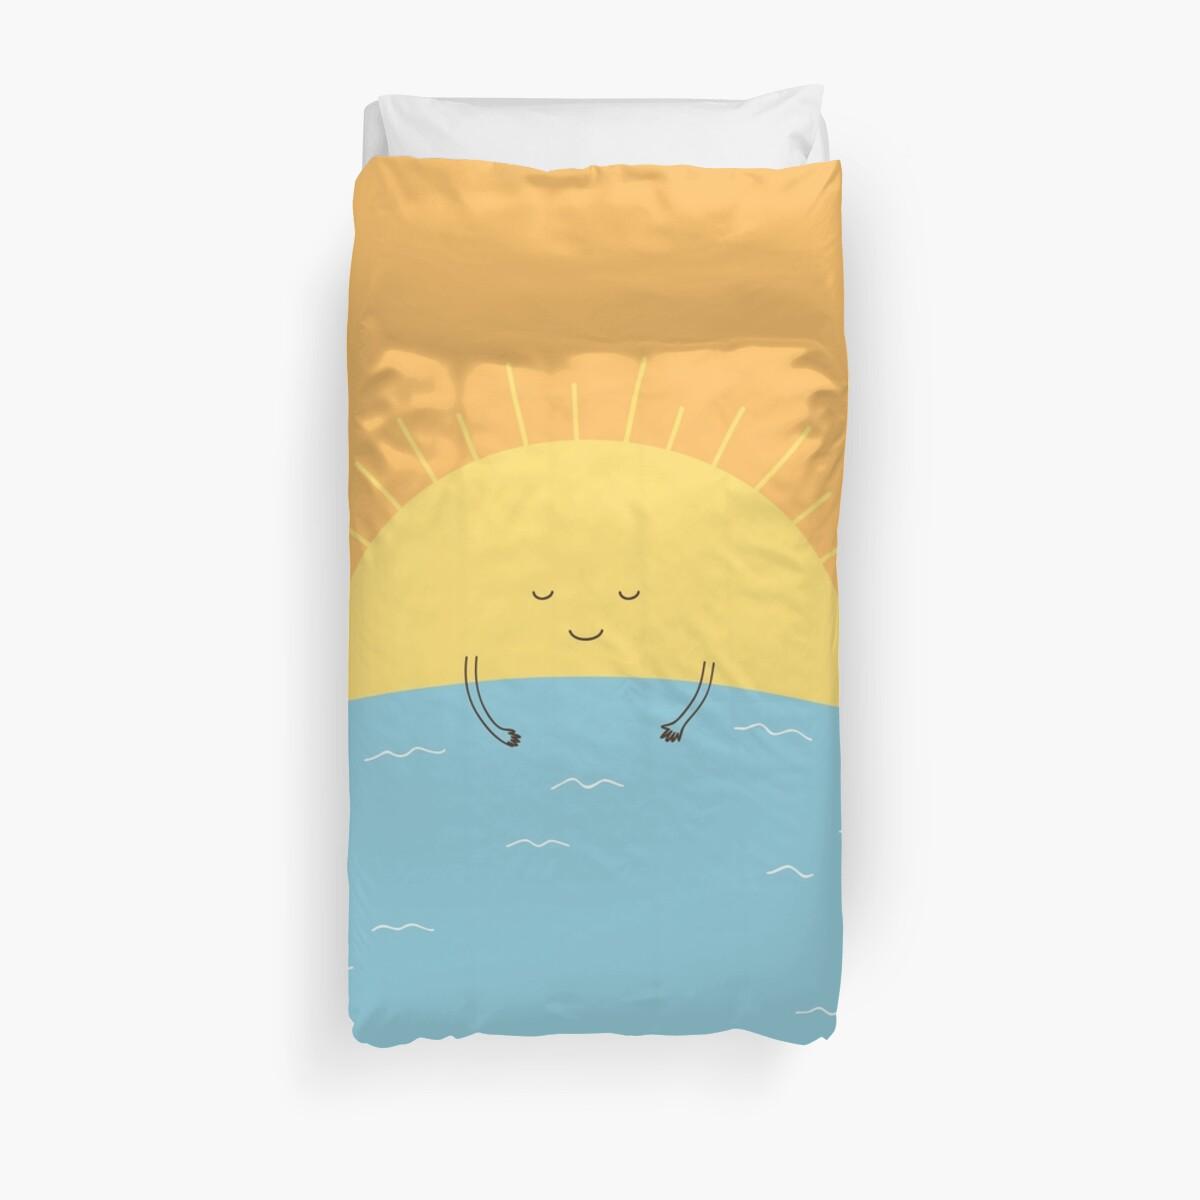 Good Morning Sunshine Quilt Cover : Quot good morning sunshine duvet covers by milkyprint